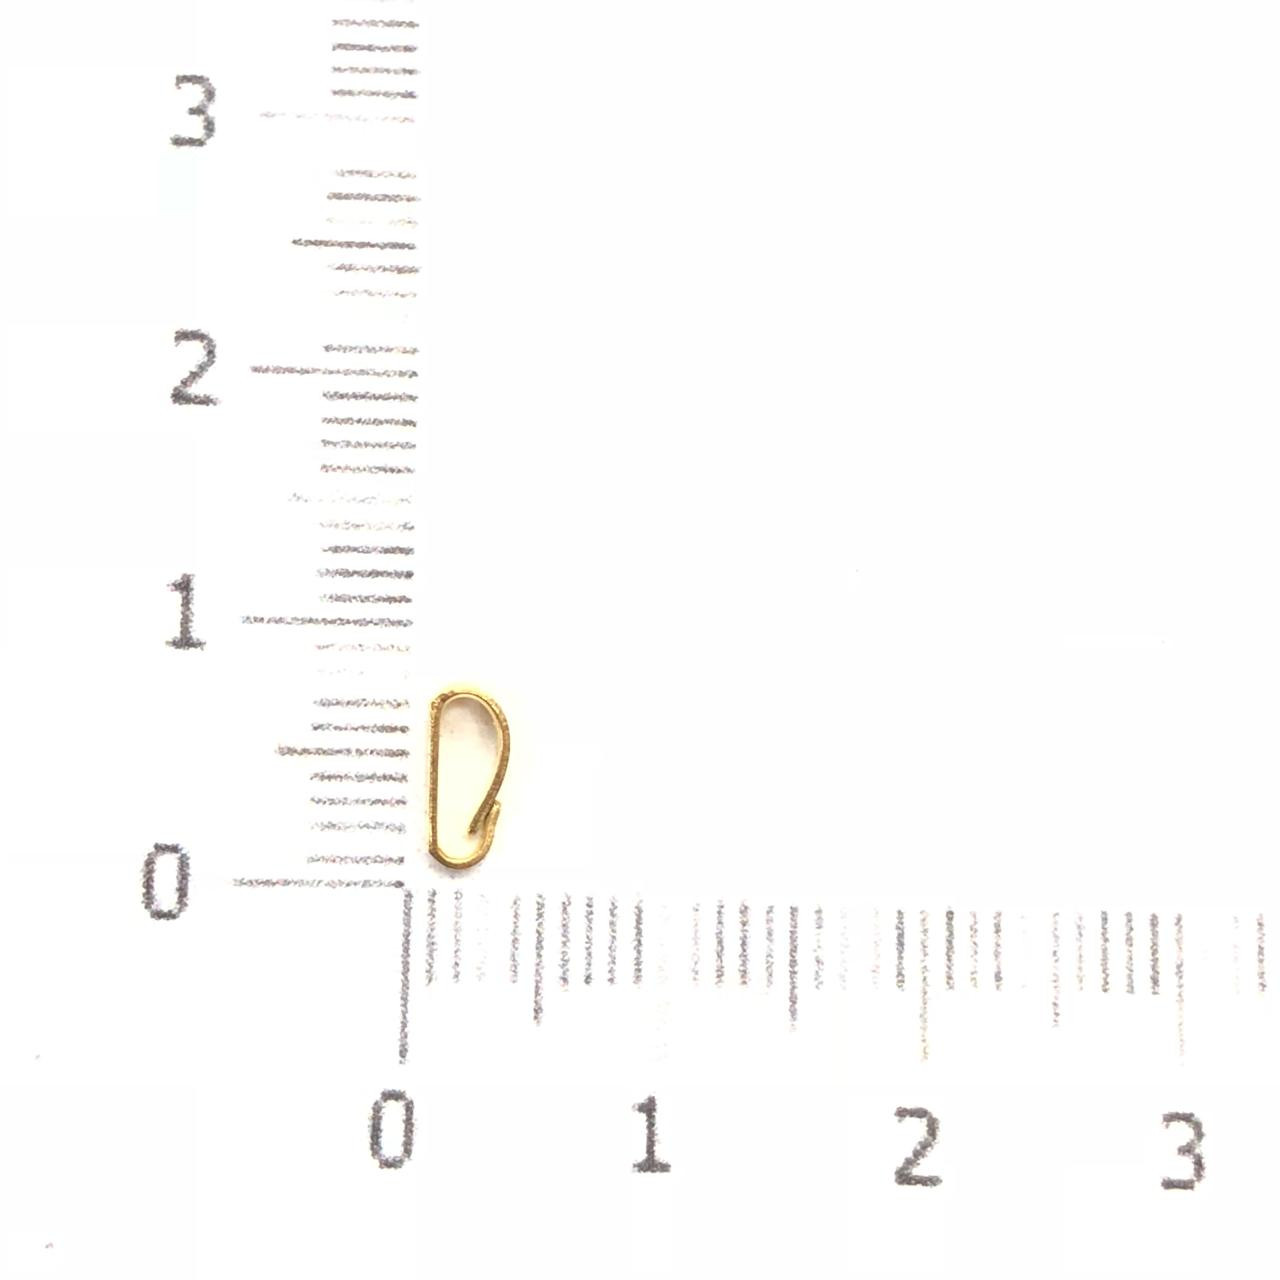 AC233 - Contra Argola Vazada 7mm Folheado 3mls ouro - 10Unids